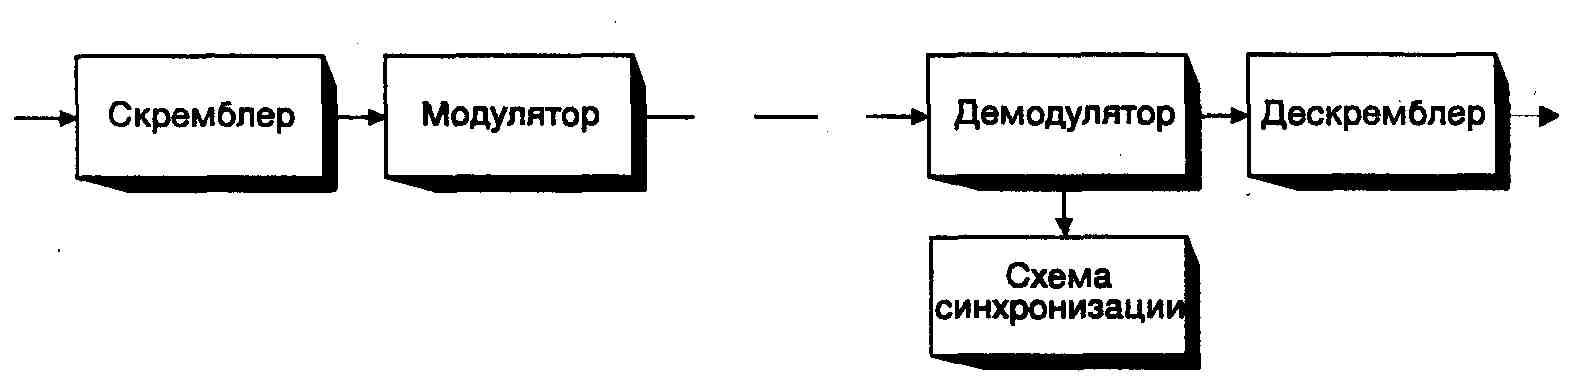 Схема включения скремблера и